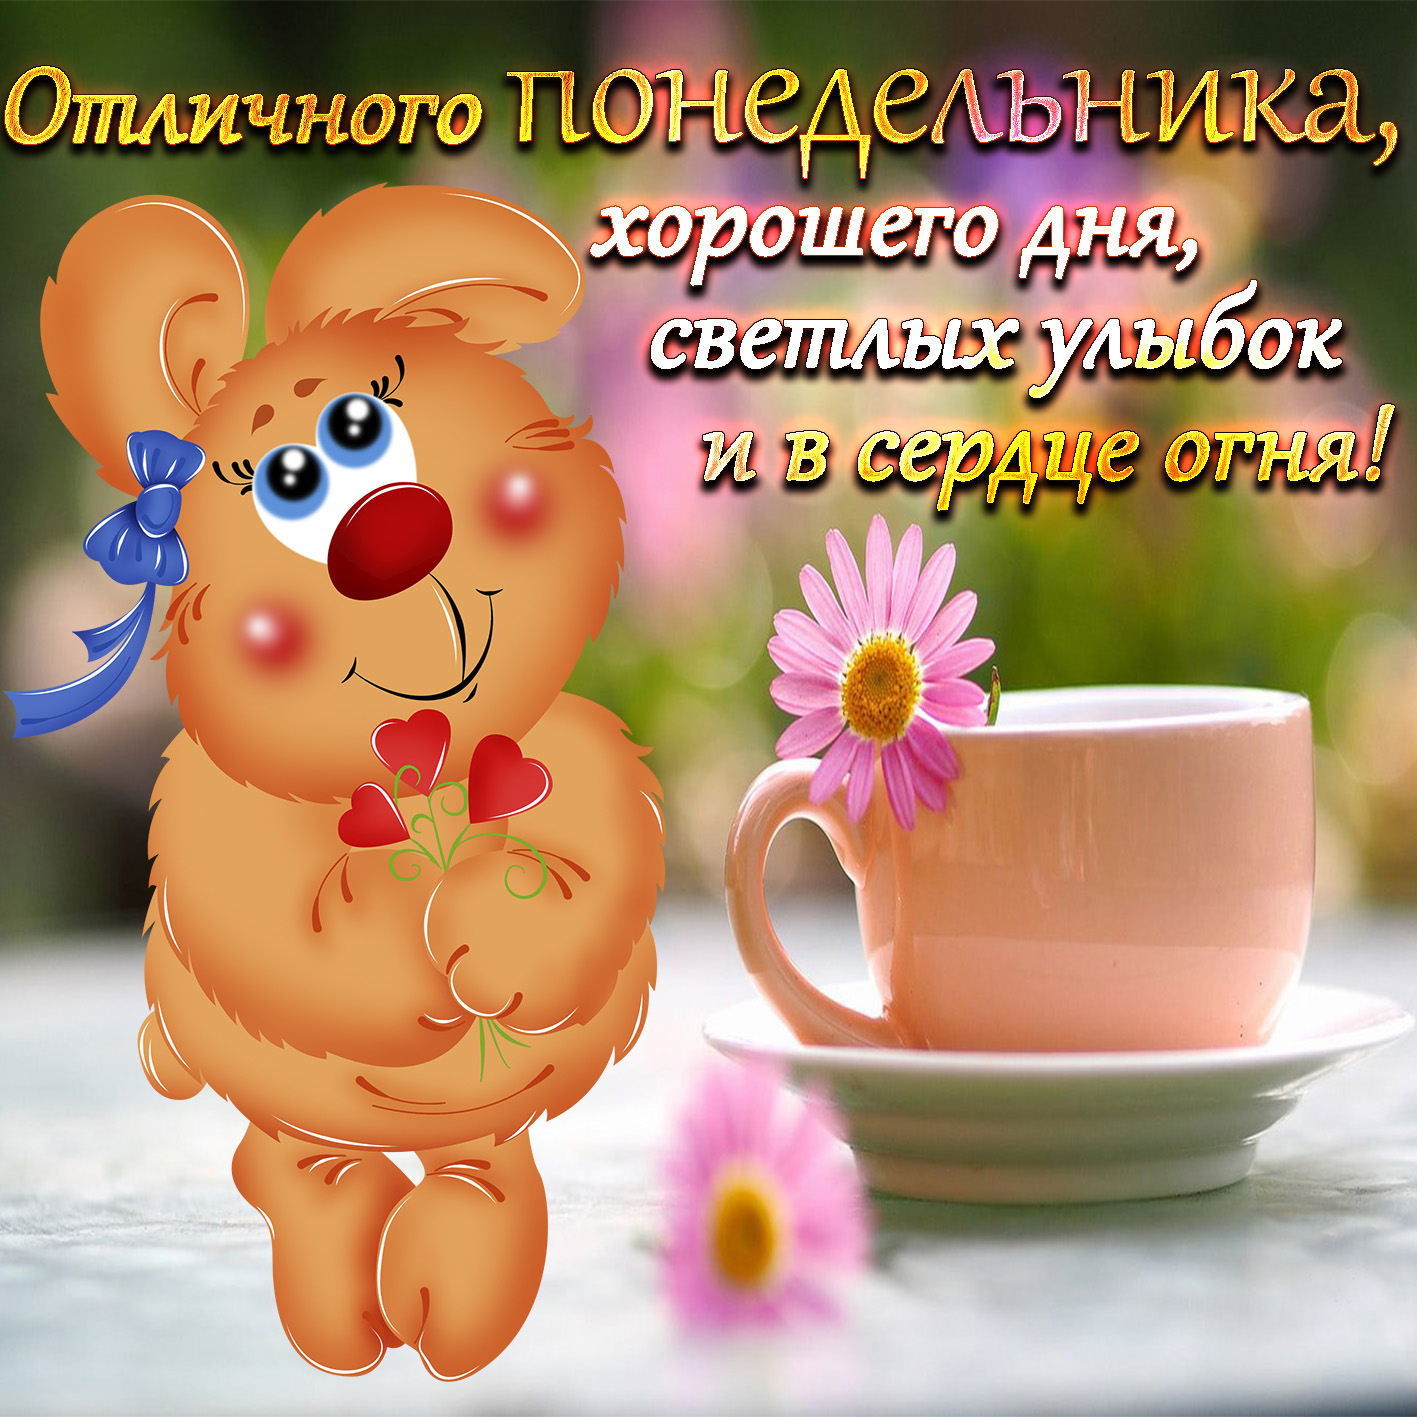 Открытка всем доброго утра веселая